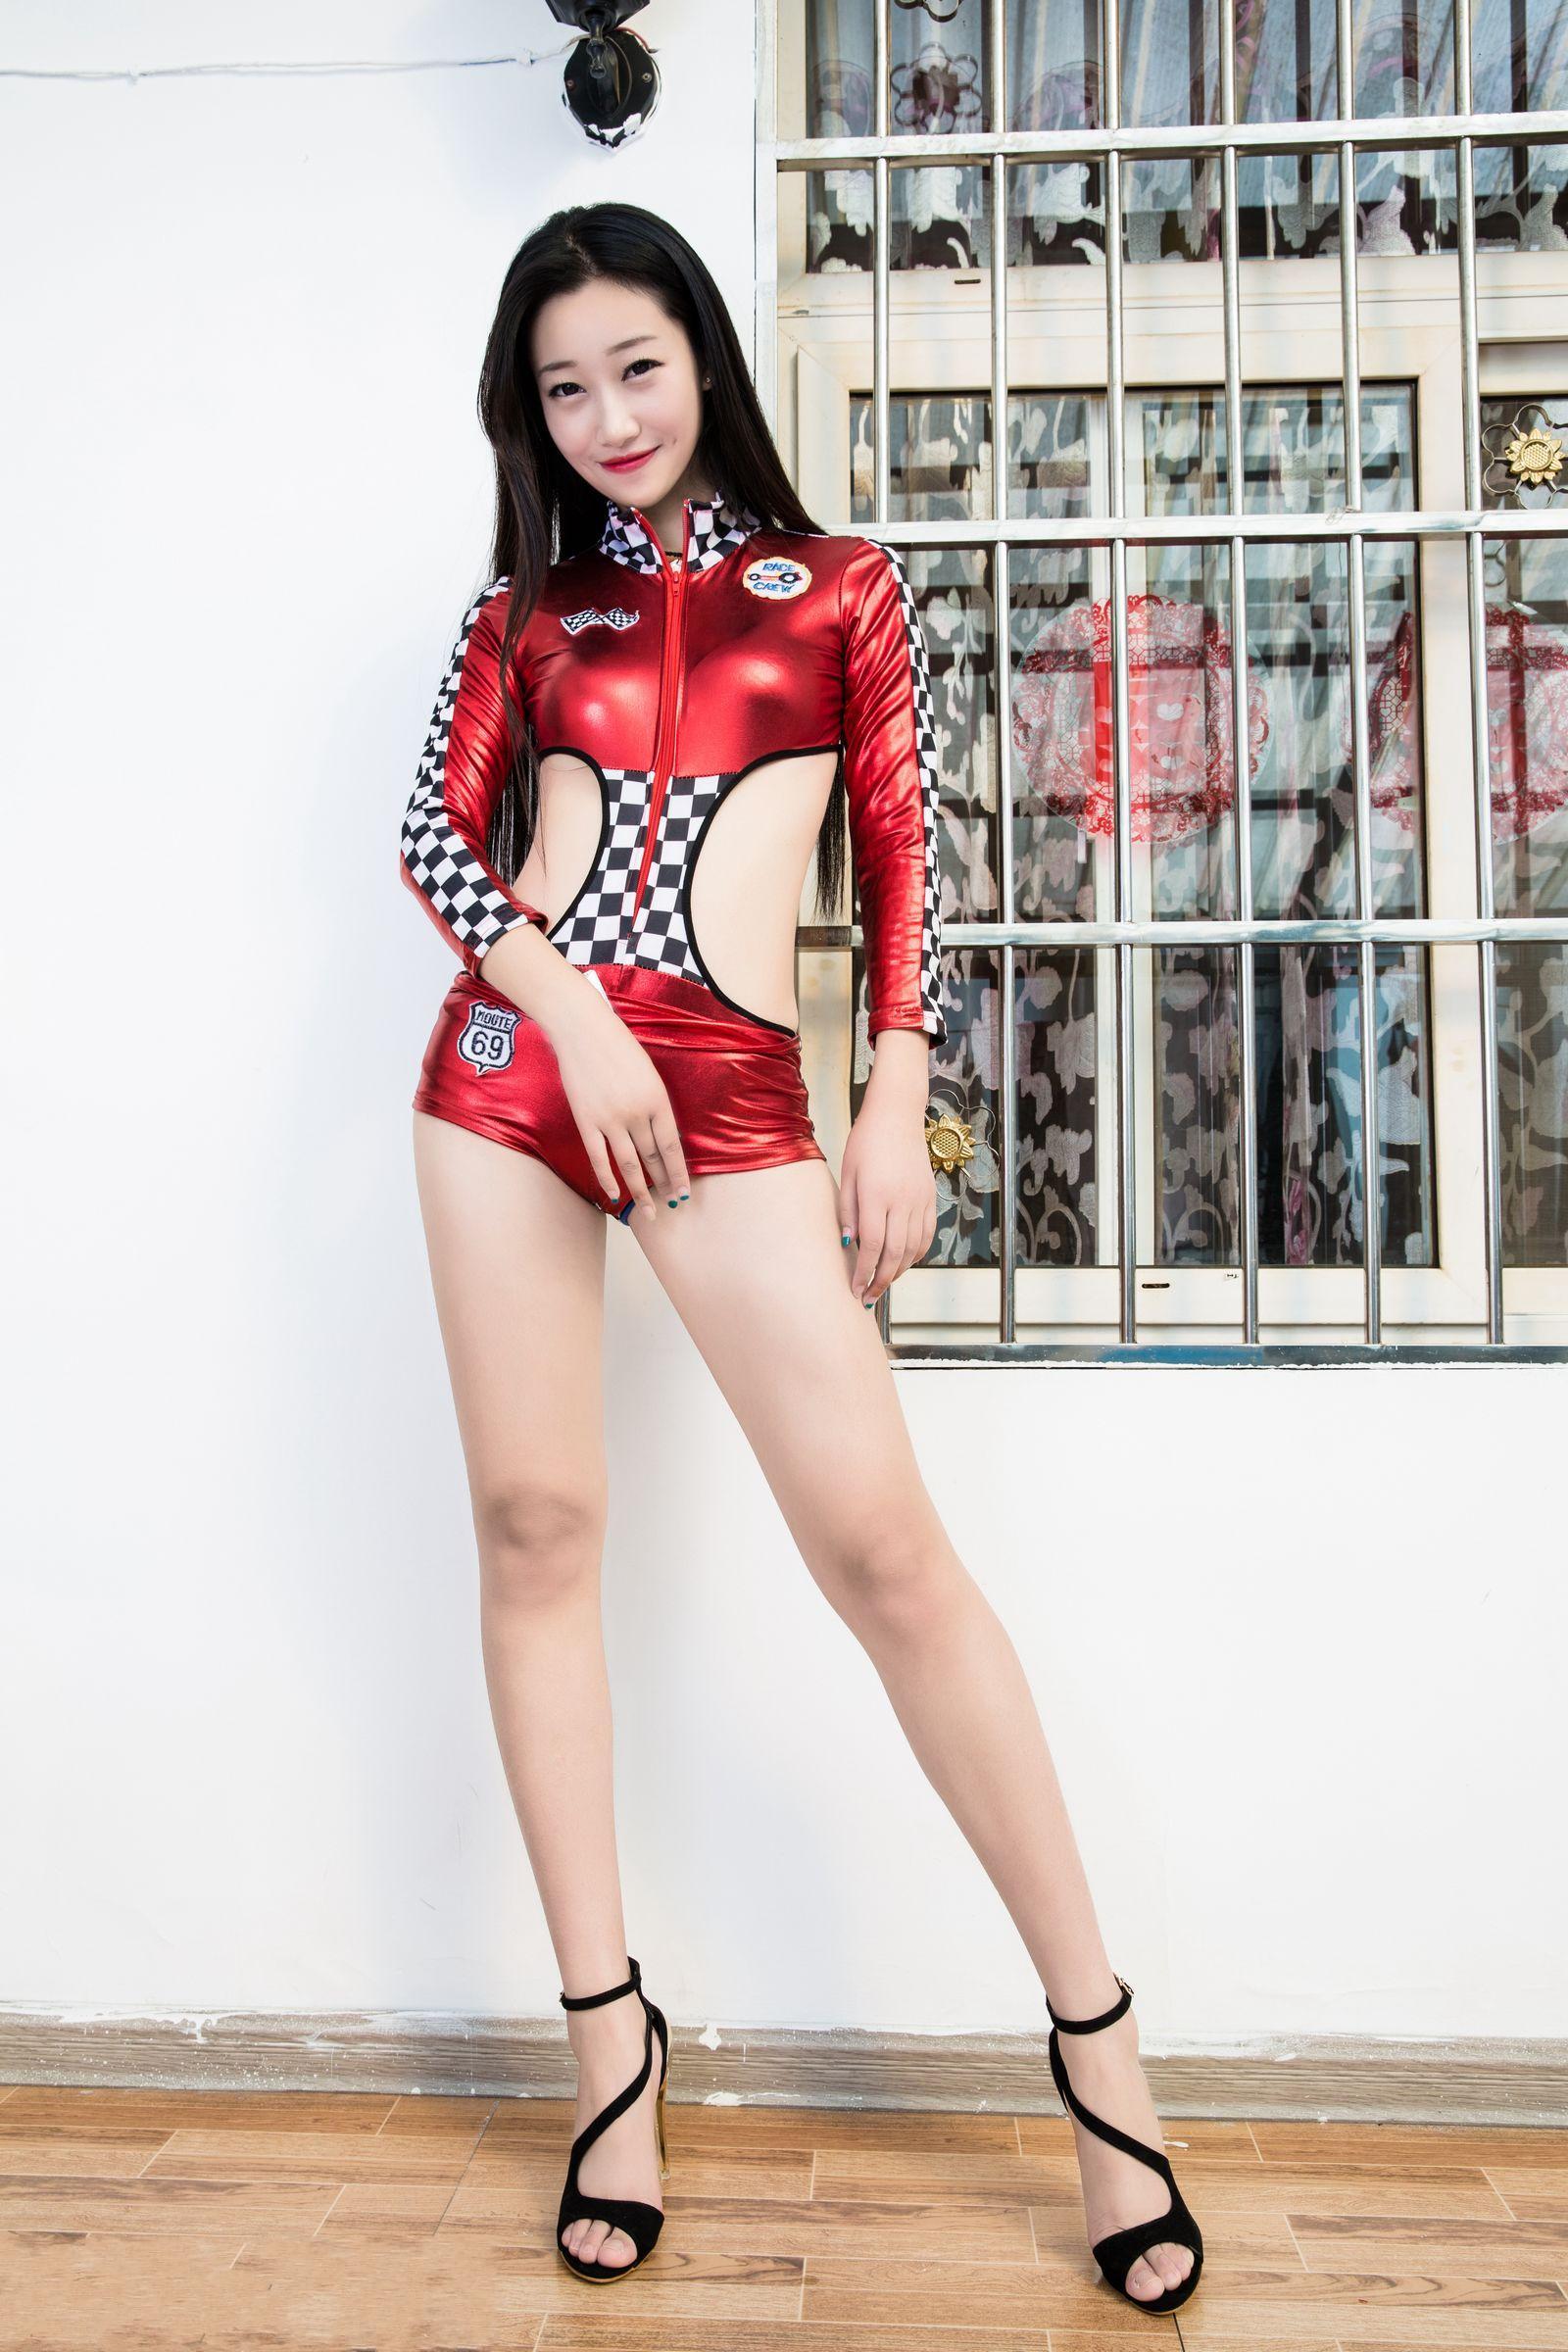 爱秀妍妍美腿秀A - 花開有聲 - 花開有聲